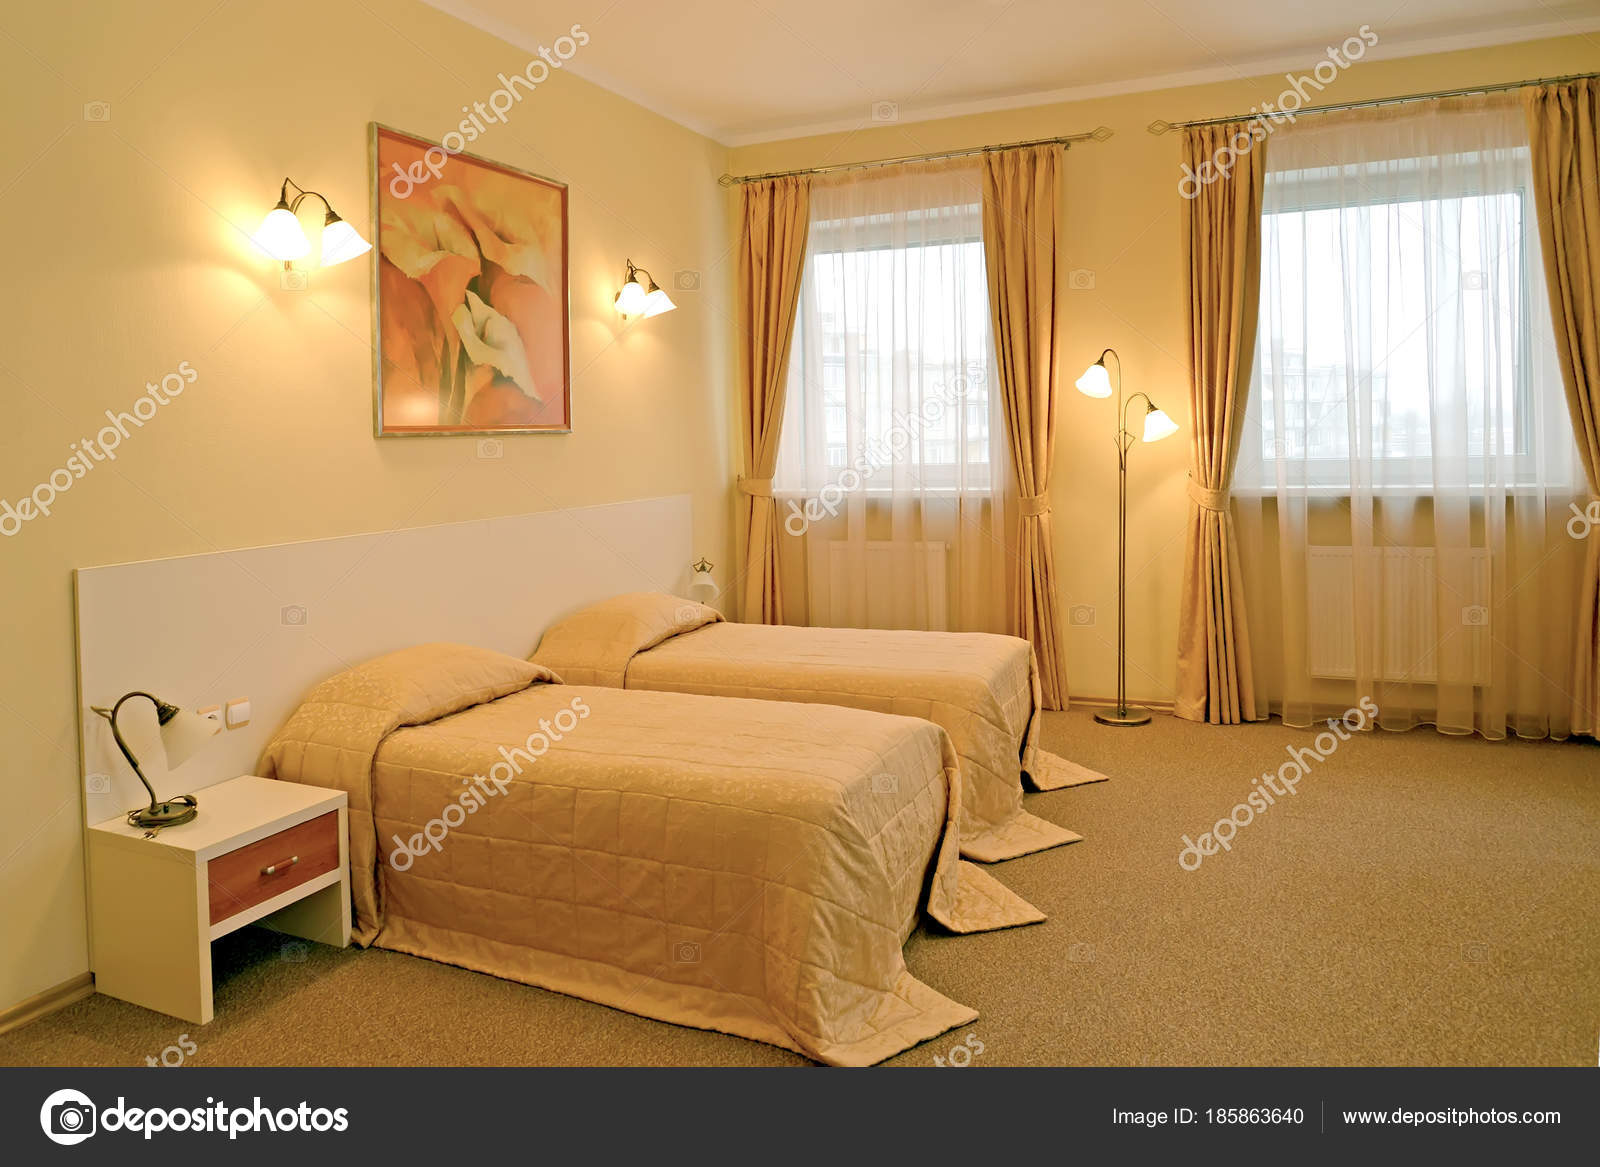 AuBergewohnlich Das Klassische Schlafzimmer Mit Zwei Betten In Warmen Farben U2014 Foto Von  Vodolej